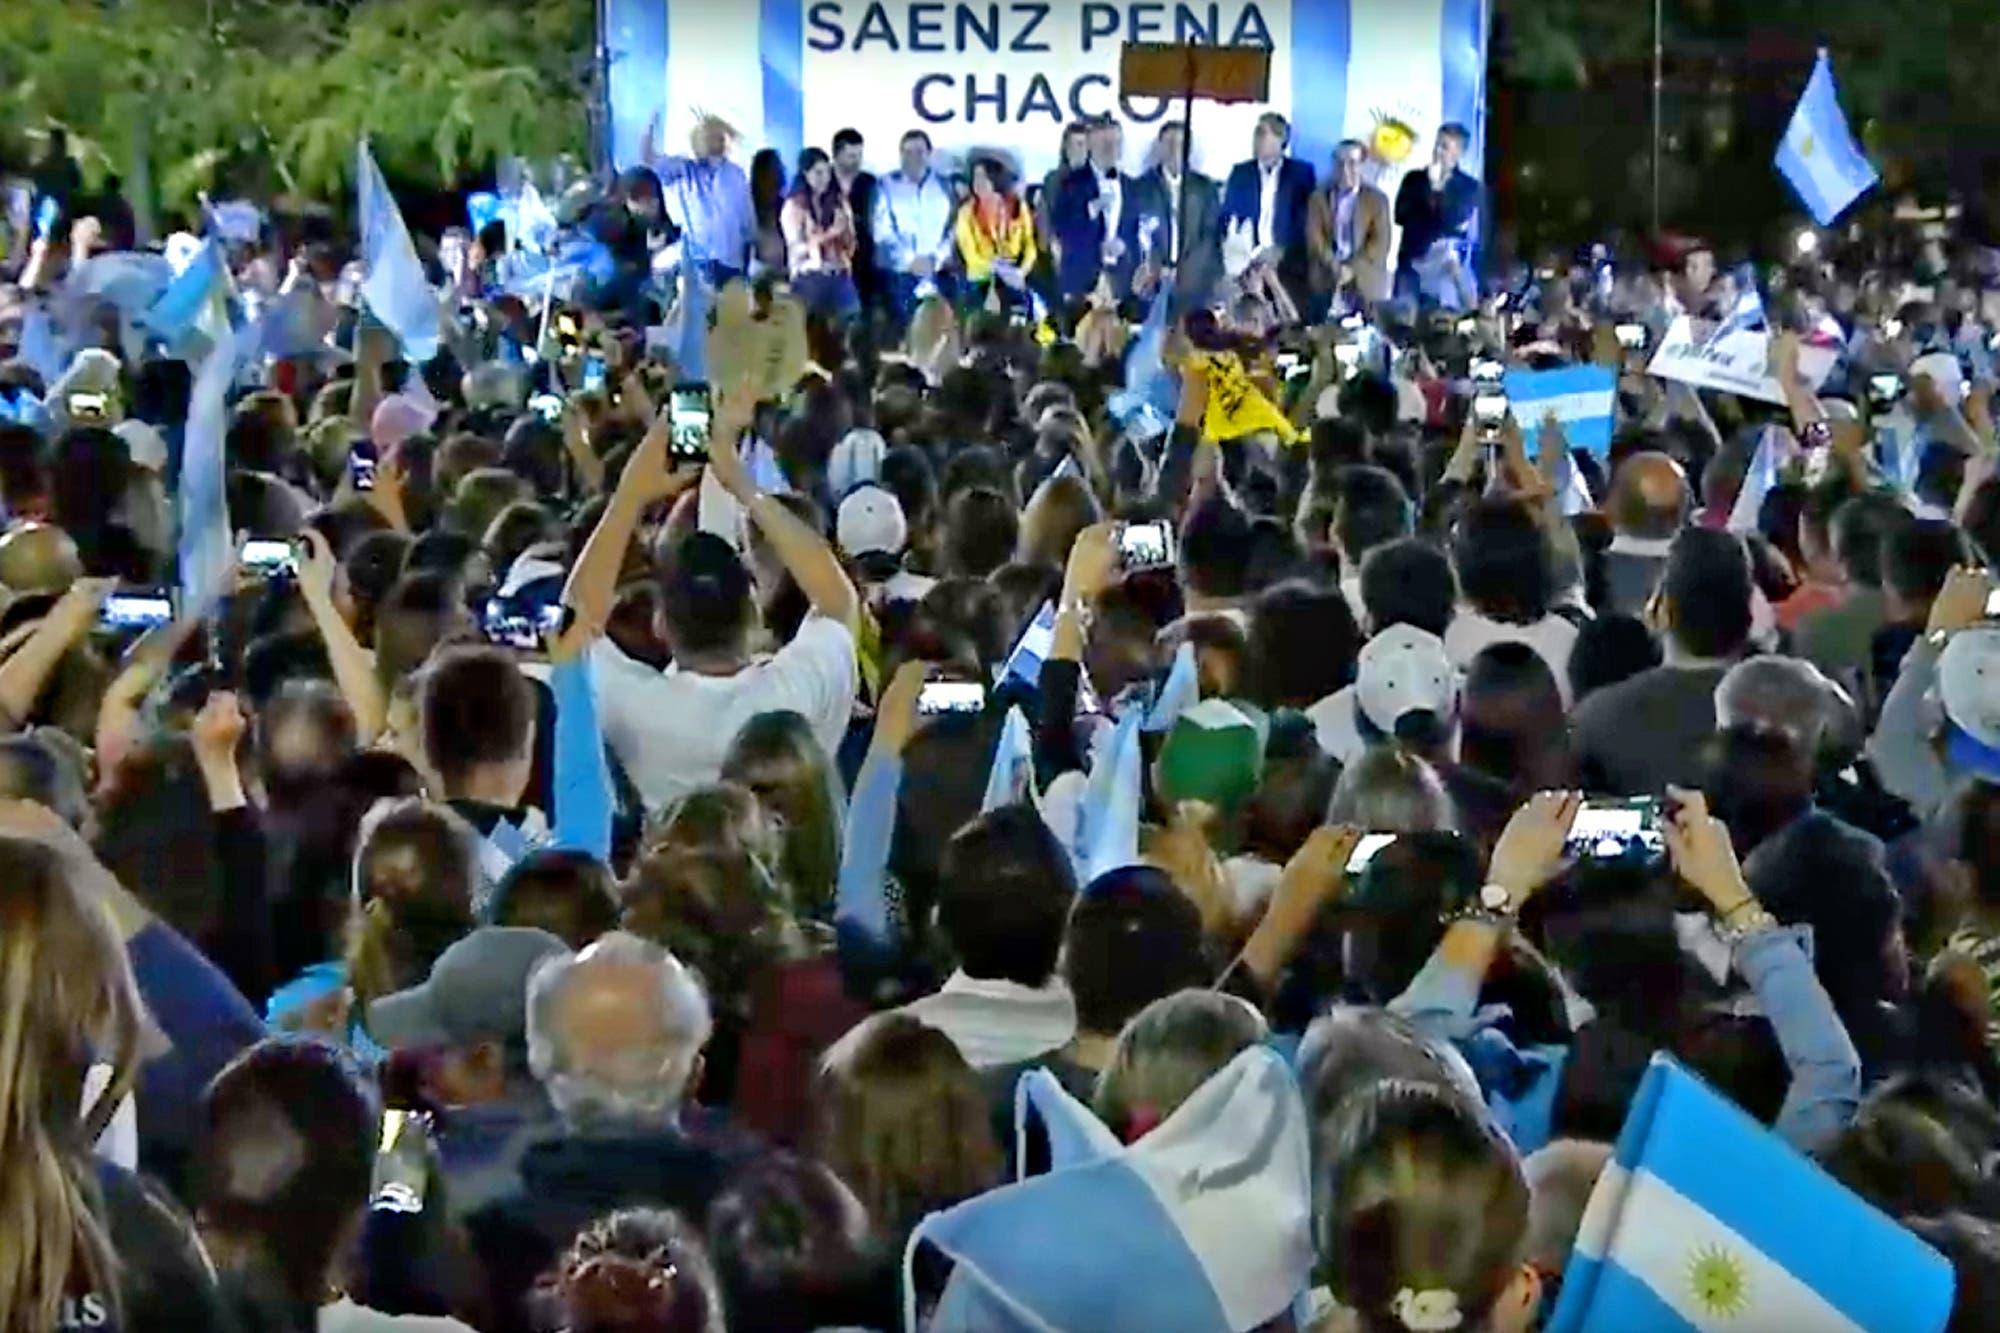 """Mauricio Macri encabeza una nueva marcha del 'Sí se puede', en Chaco: """"No vamos a tener miedo nunca más"""""""